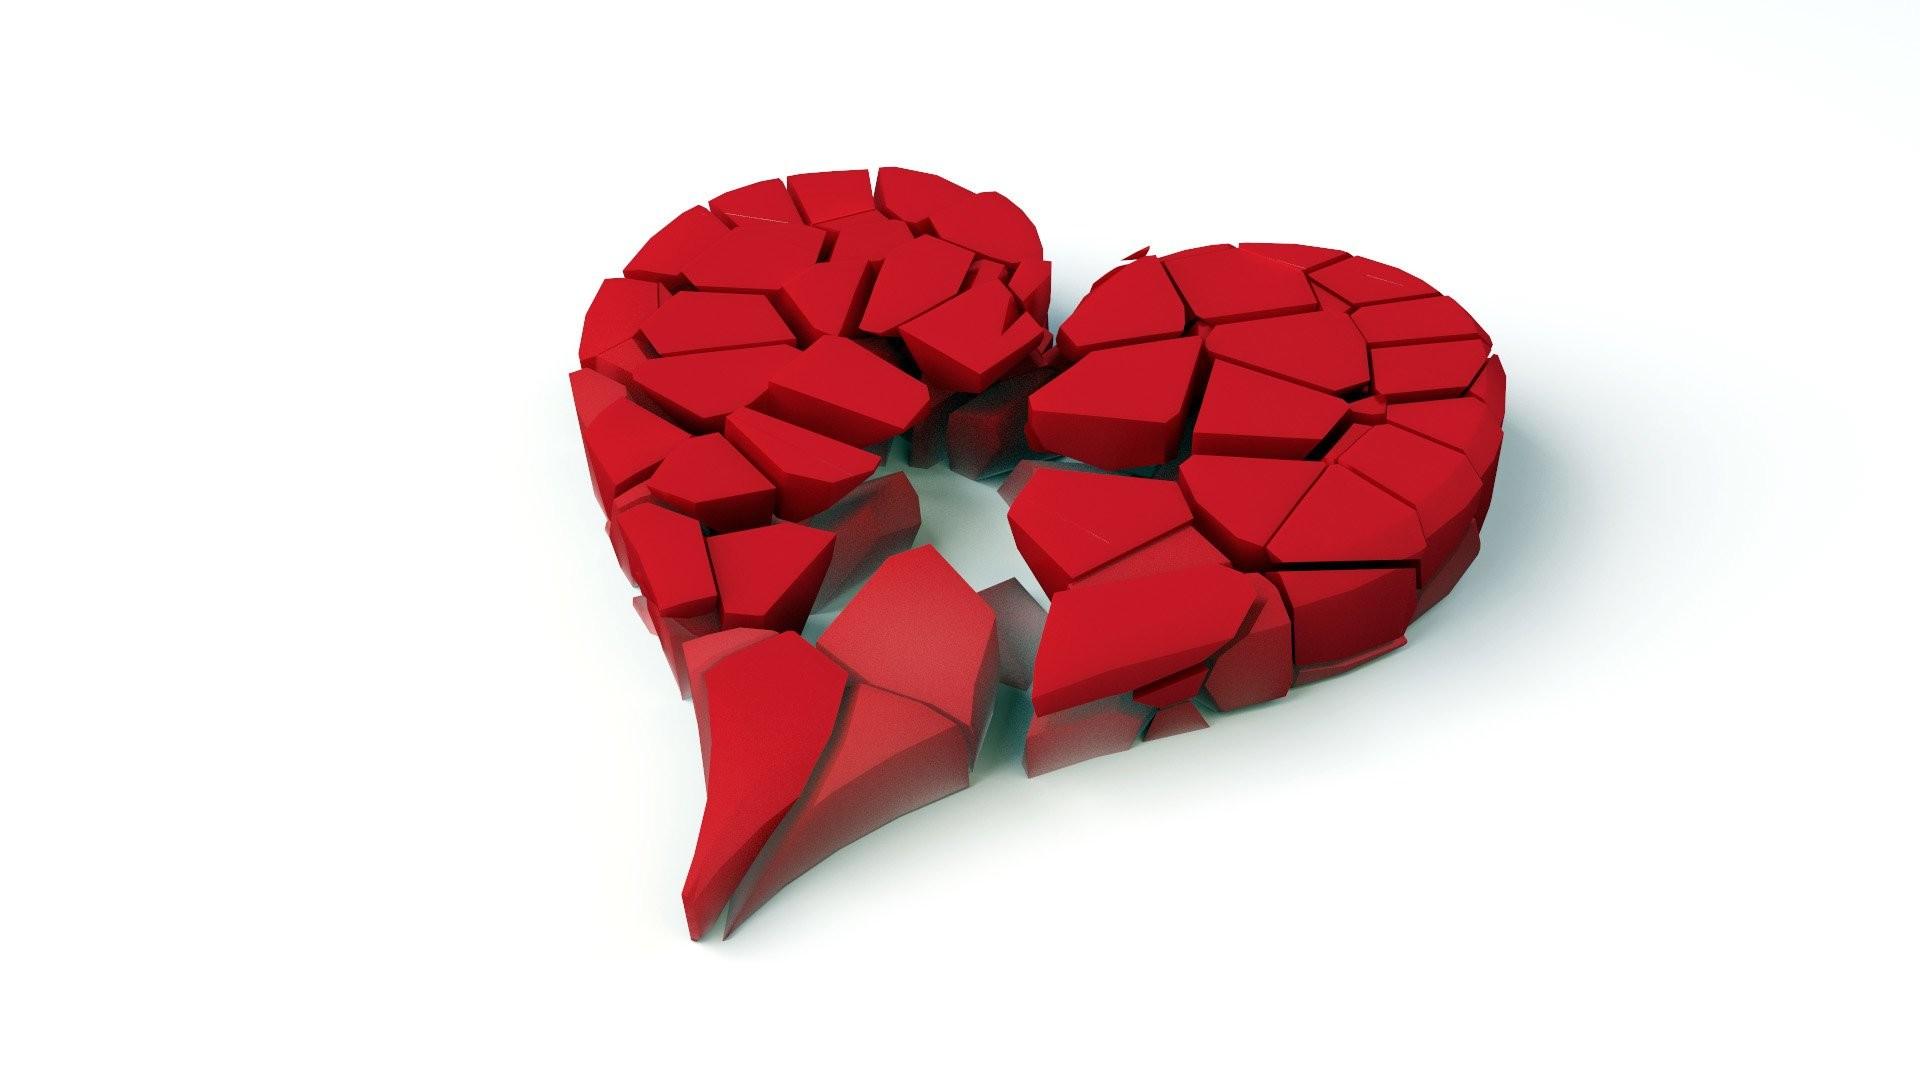 Broken Heart Backgrounds 1